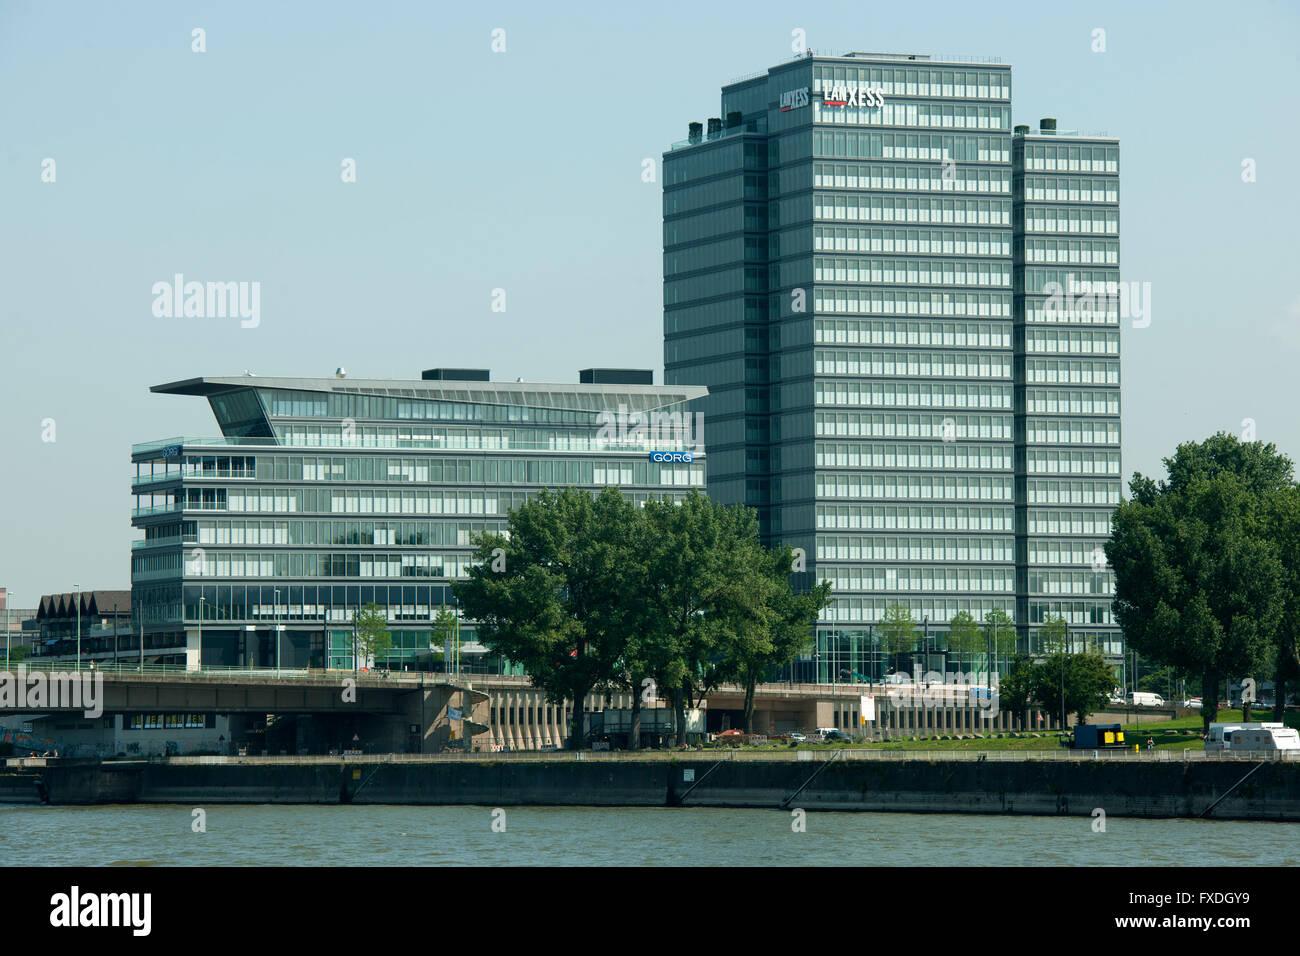 Deutschland, Nordrhein-Westfalen, Köln, Bürogebäude der Firme Lanxess, ehemalige Lufthansa Hauptverwaltung - Stock Image